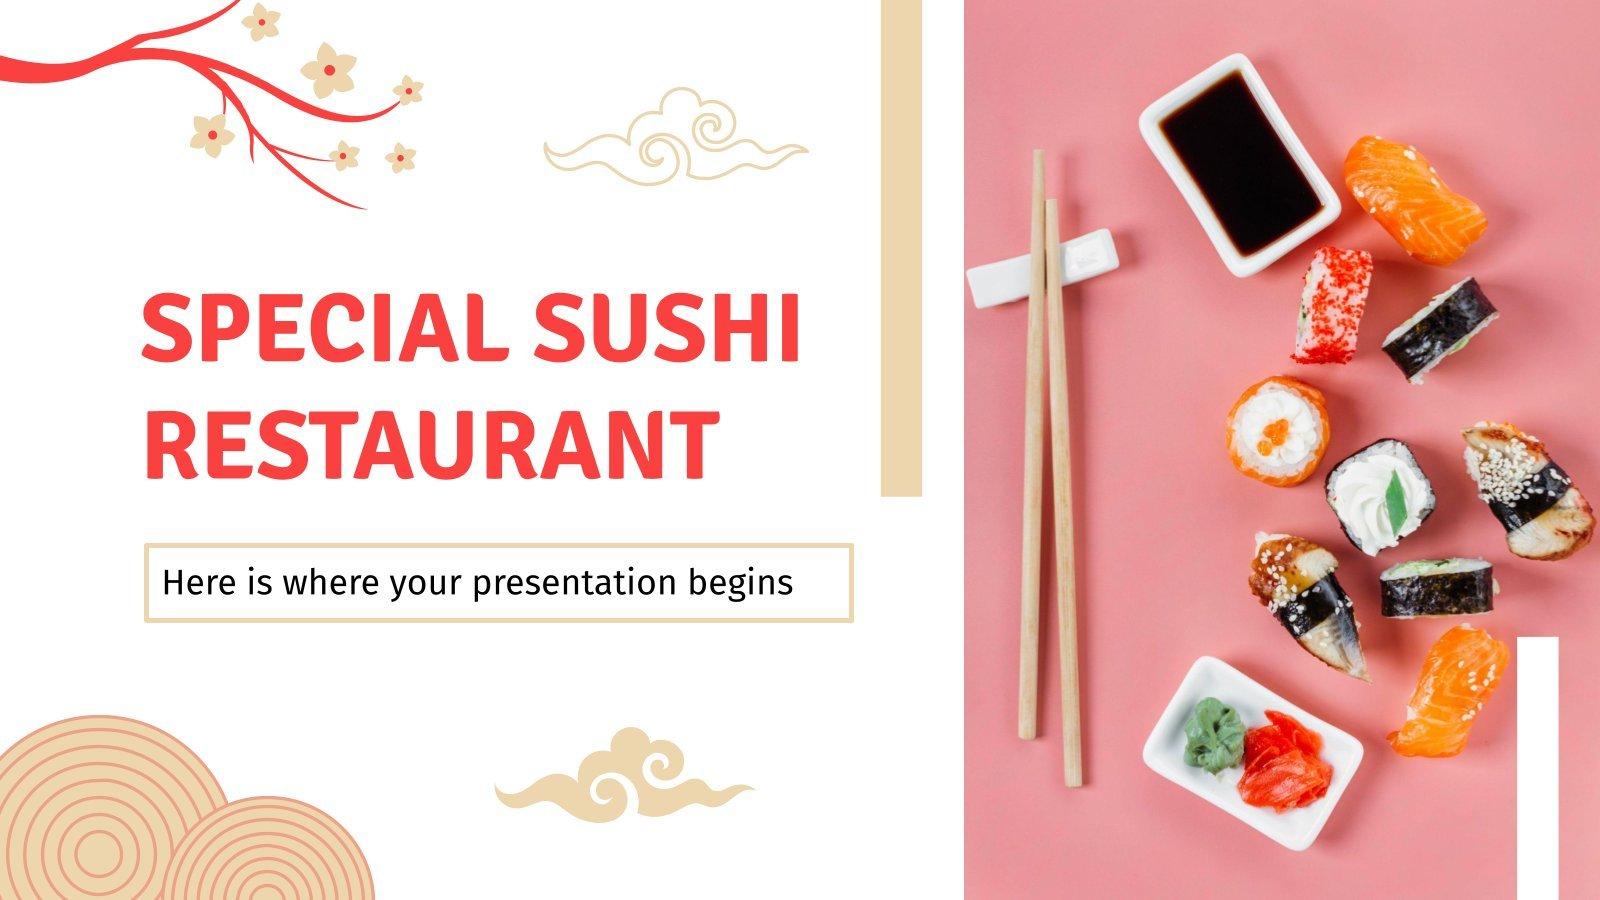 Plantilla de presentación Restaurante de sushi especial